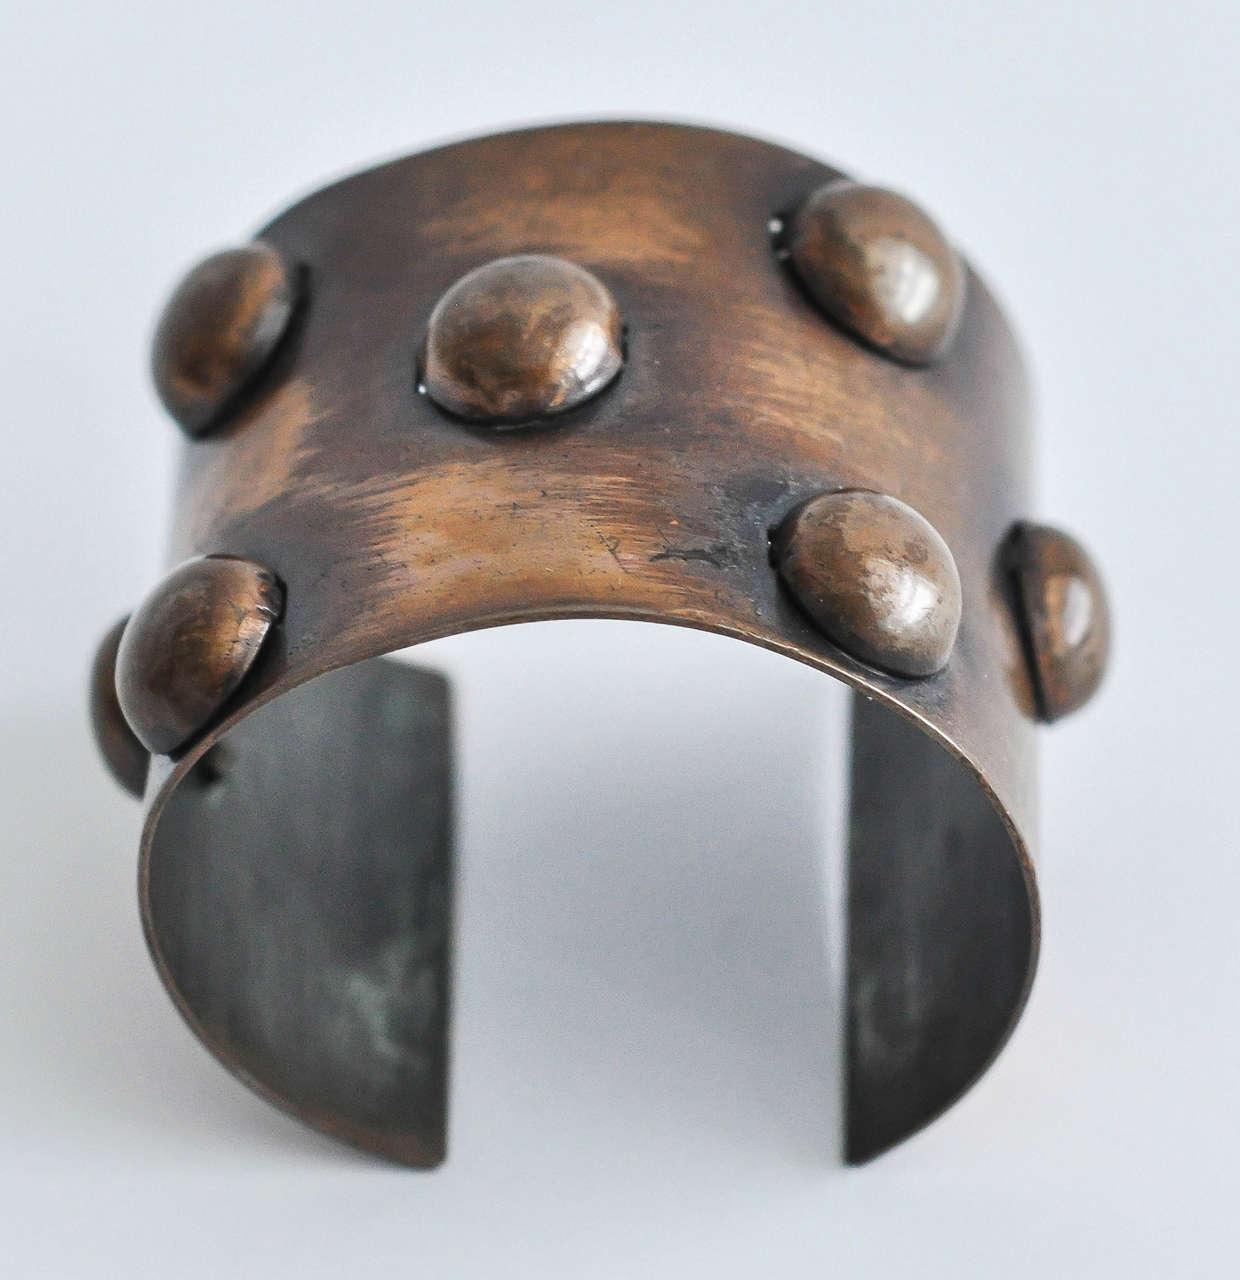 1950s Rebajes Geometric Copper Cuff In Good Condition For Sale In Winnetka, IL